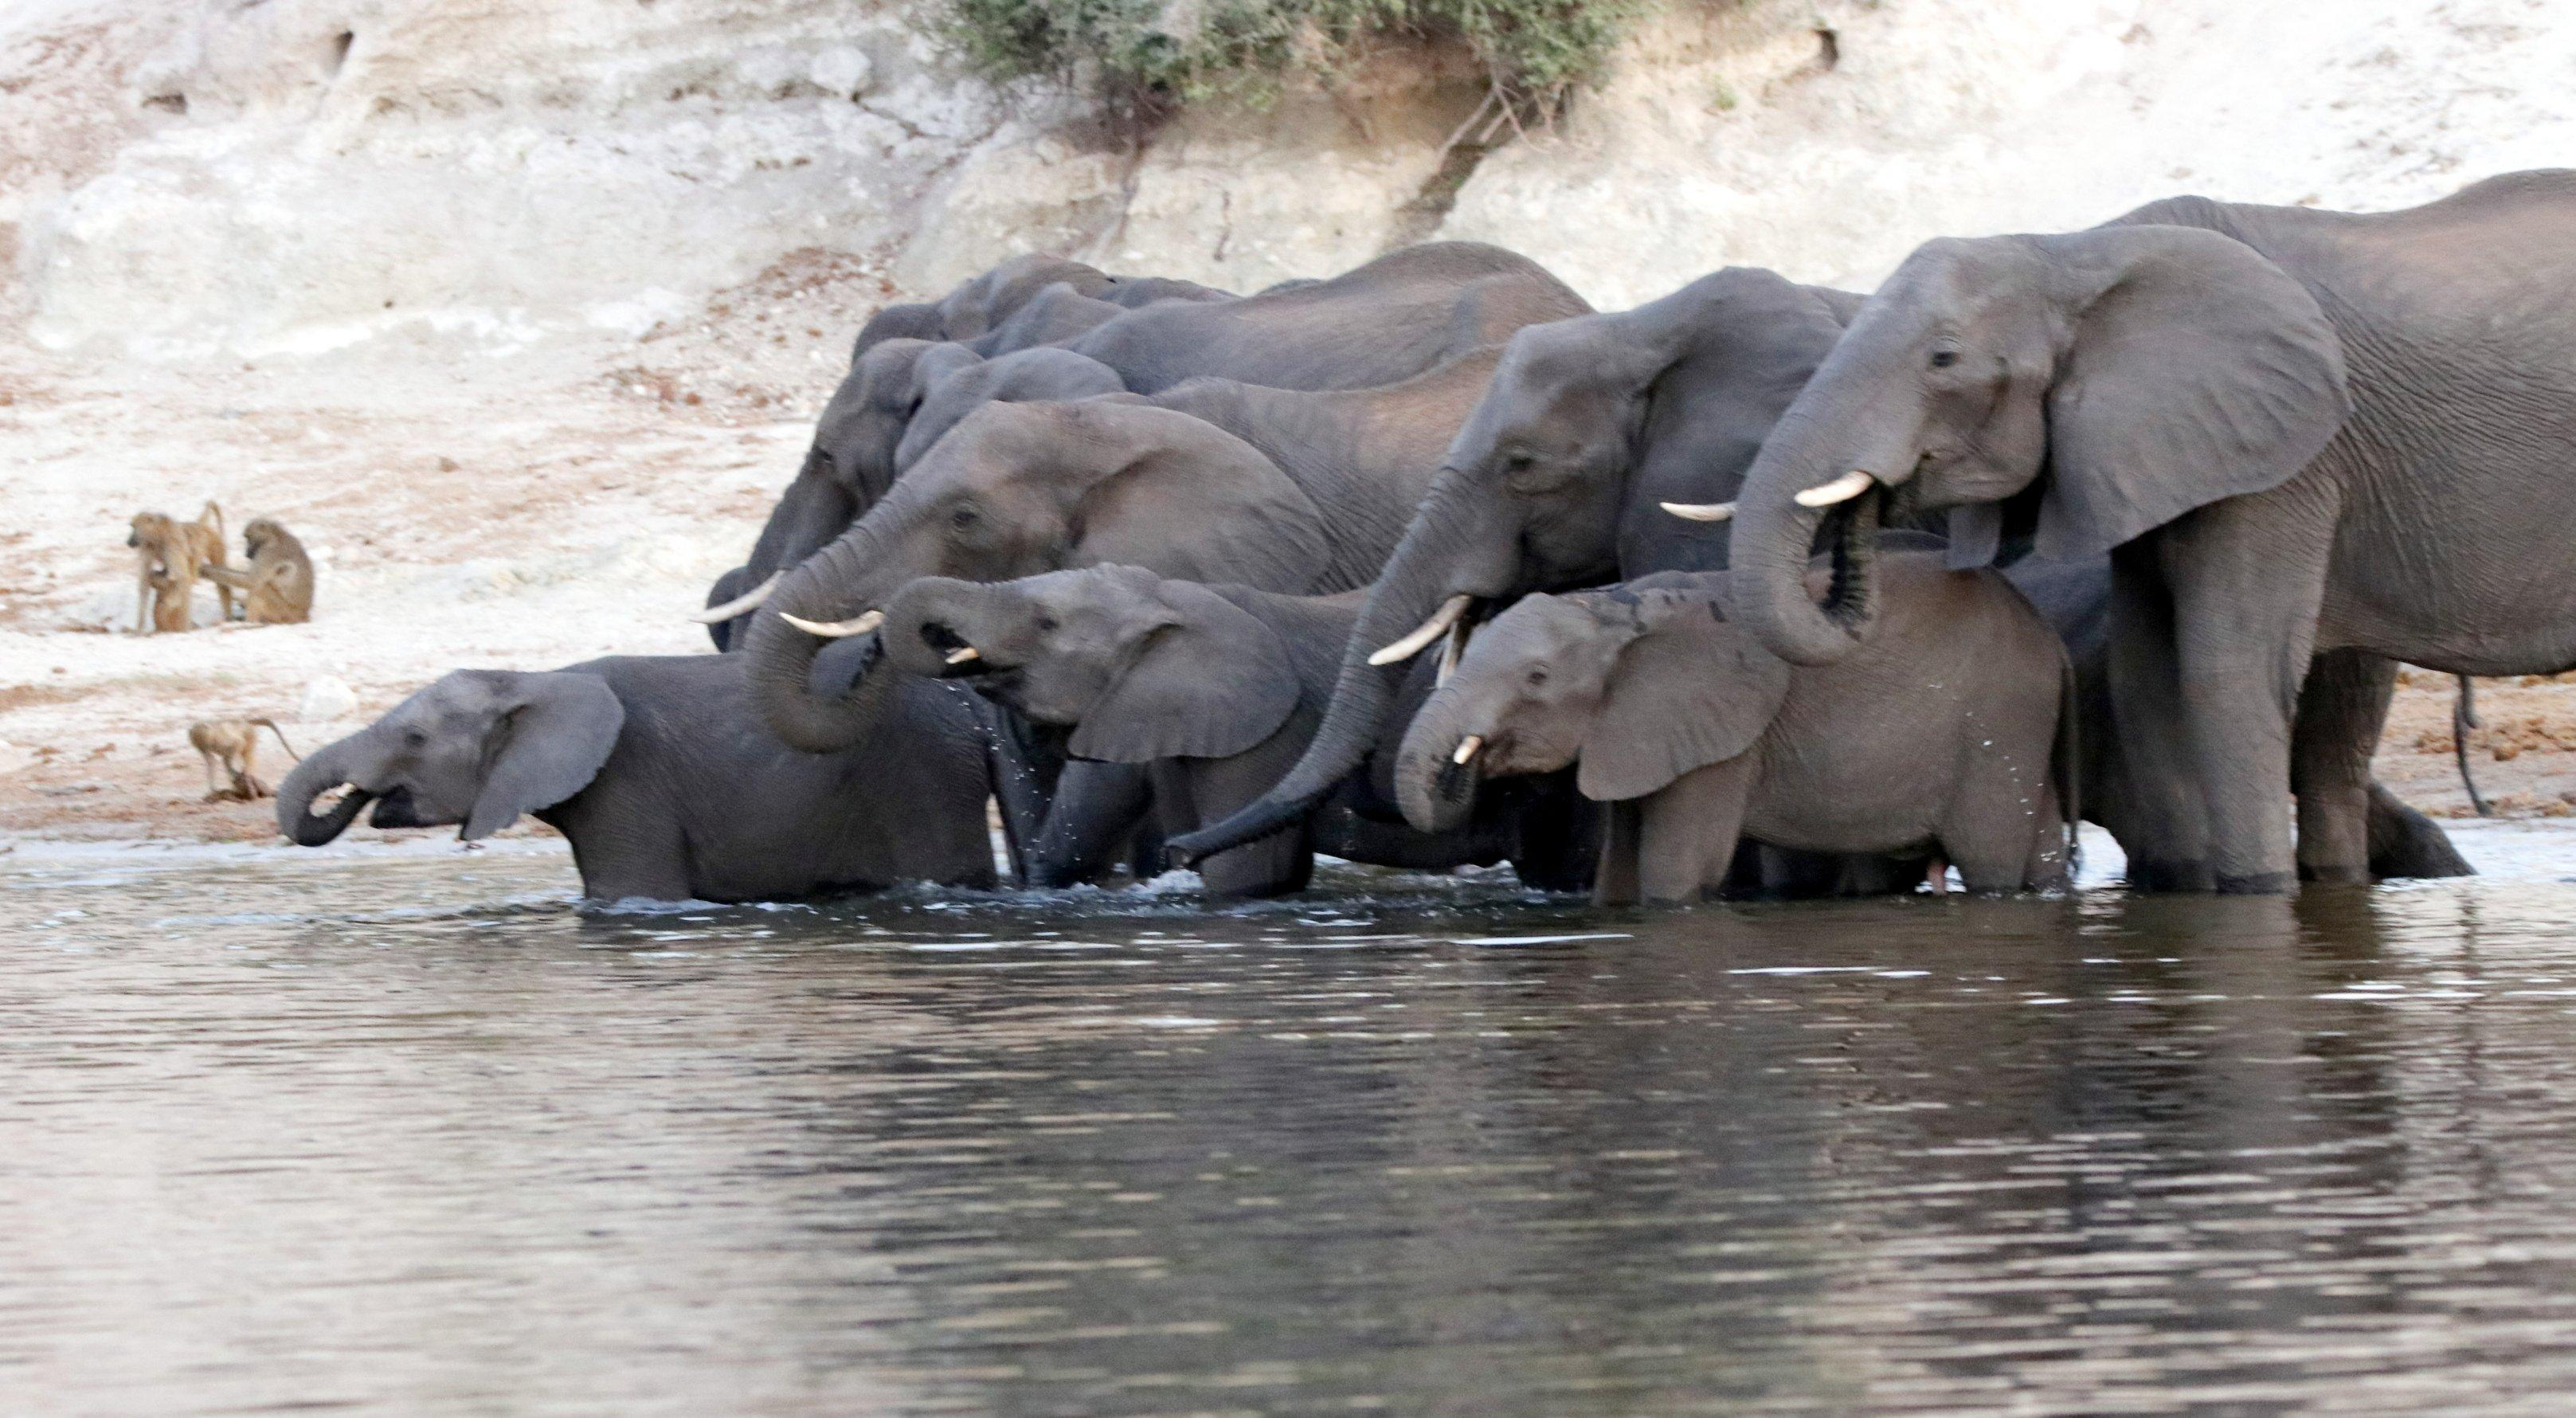 Eine Elefantenherde trinkt am Chobe-Fluss, kleinere Elefanten stehen vorne, bis zu den Knien im Wasser